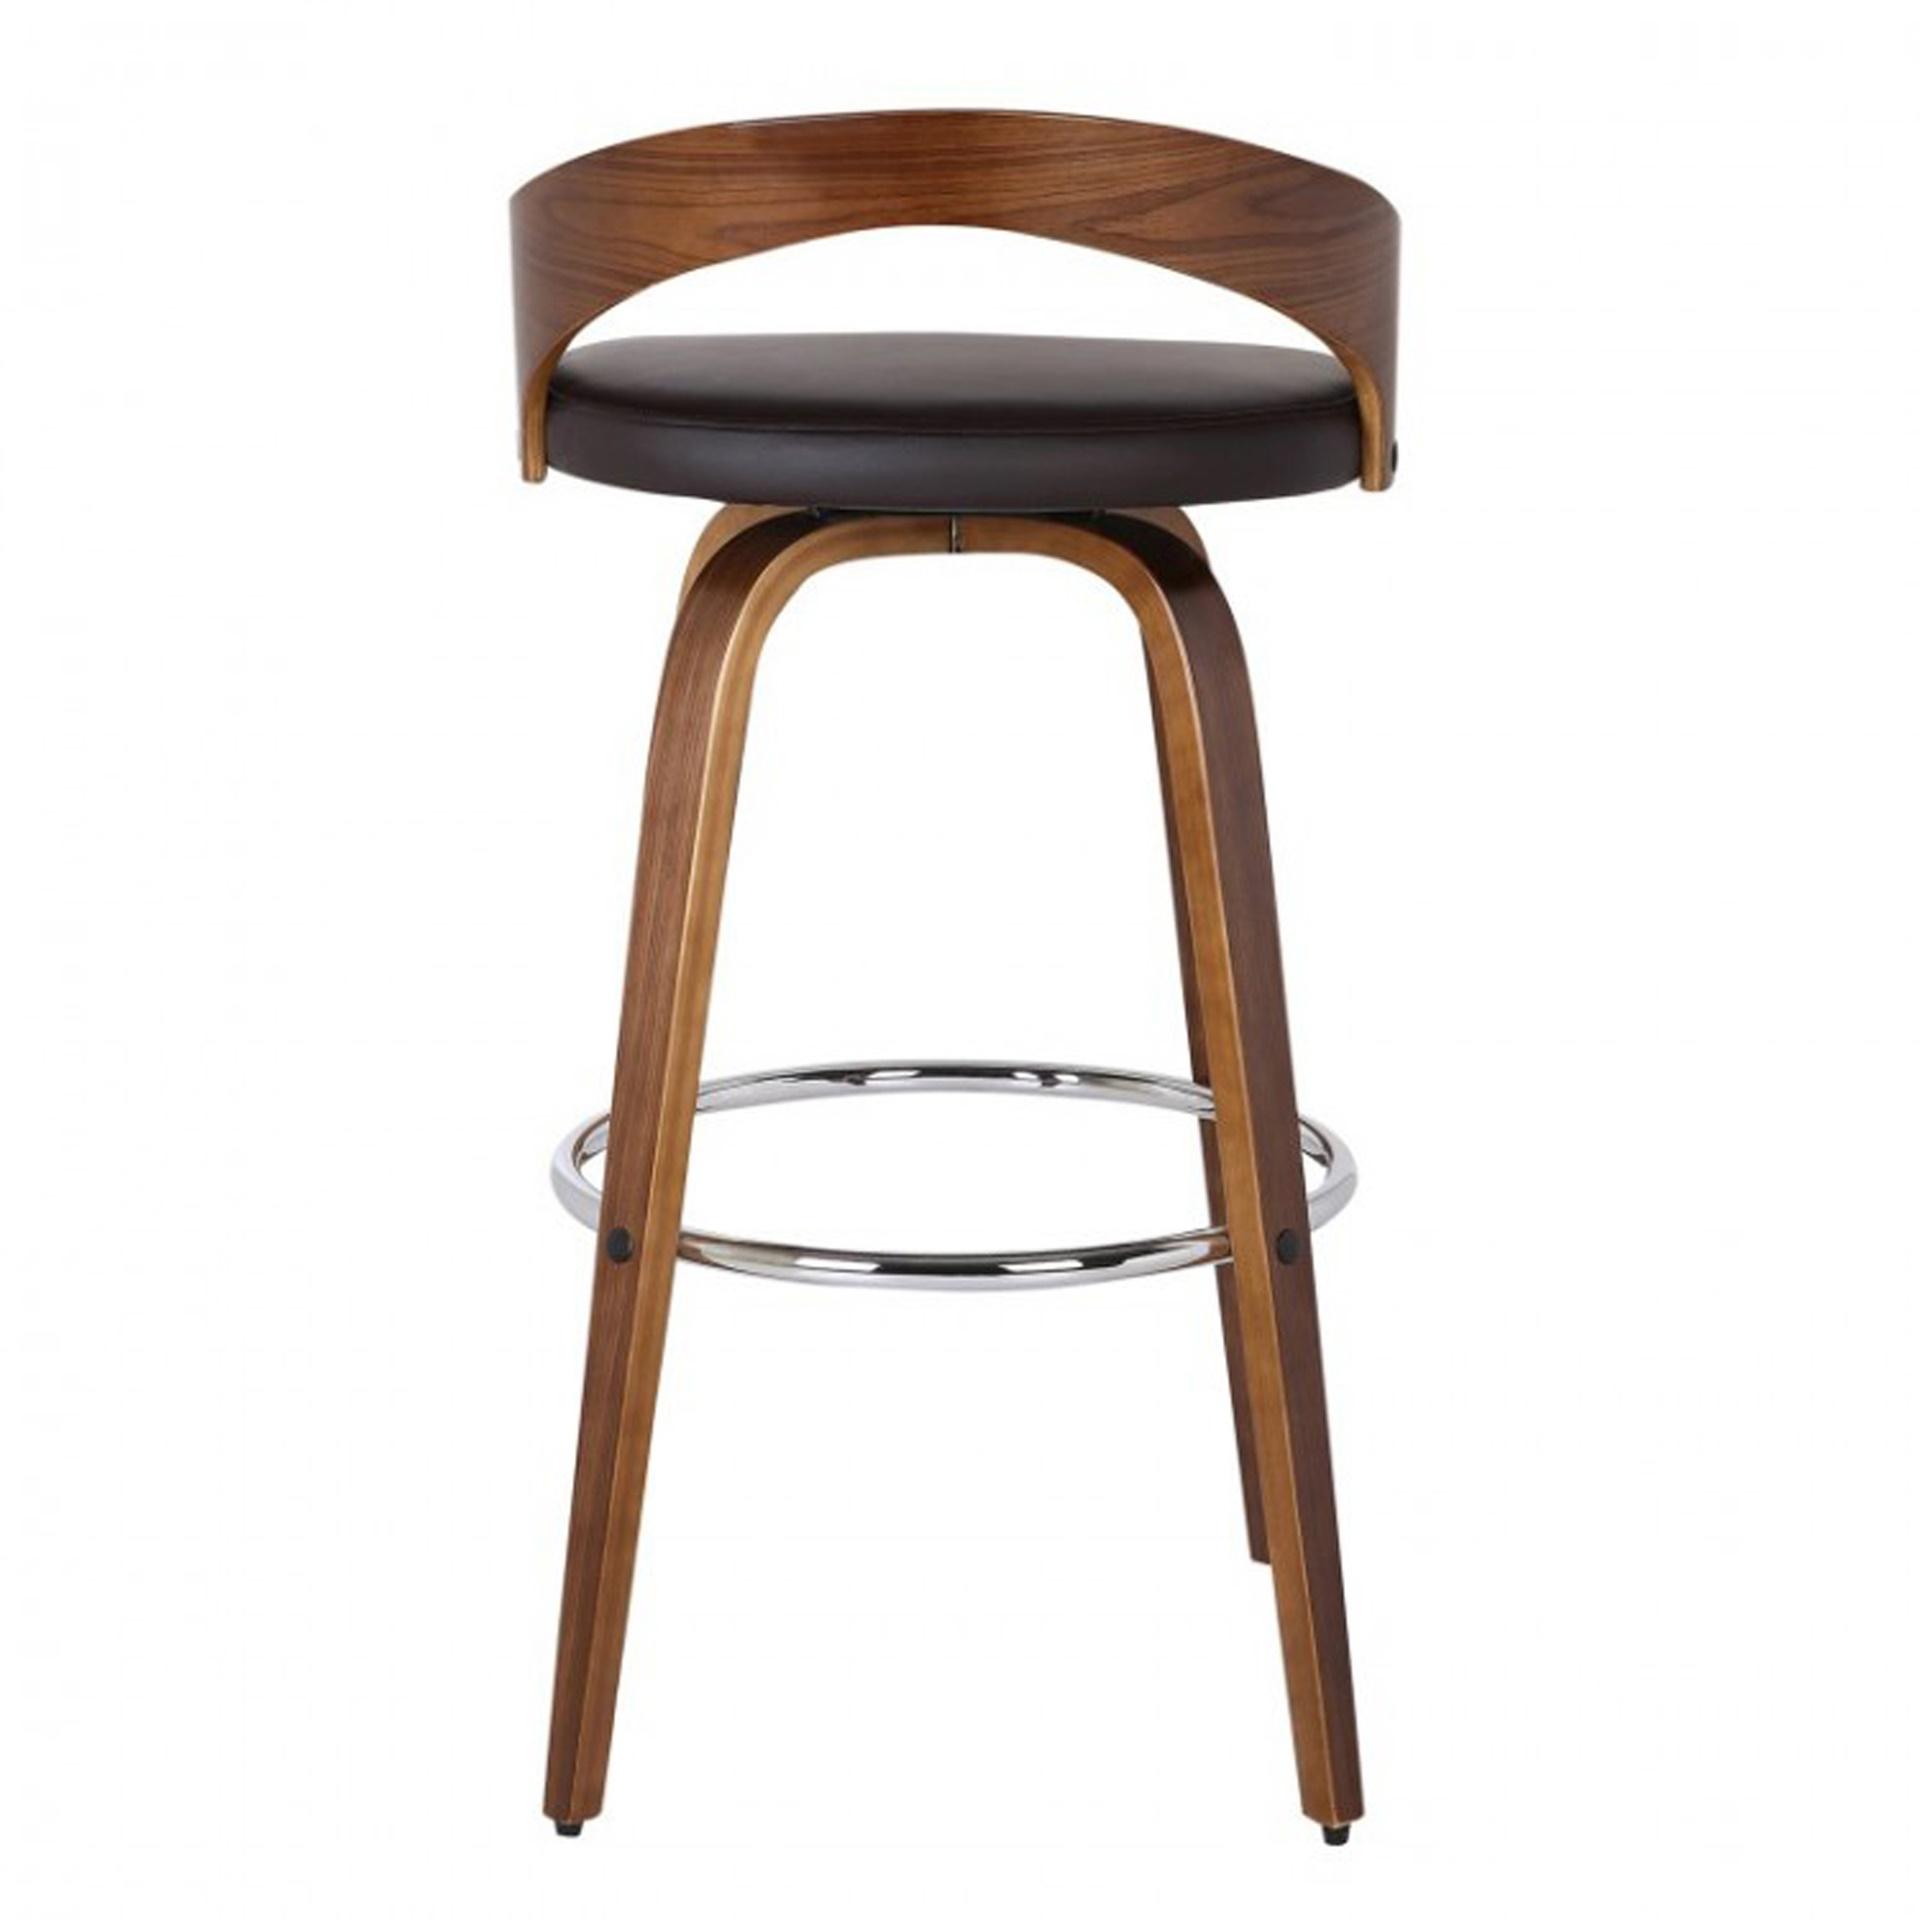 Incredible Sonia 30 Barstool Inzonedesignstudio Interior Chair Design Inzonedesignstudiocom